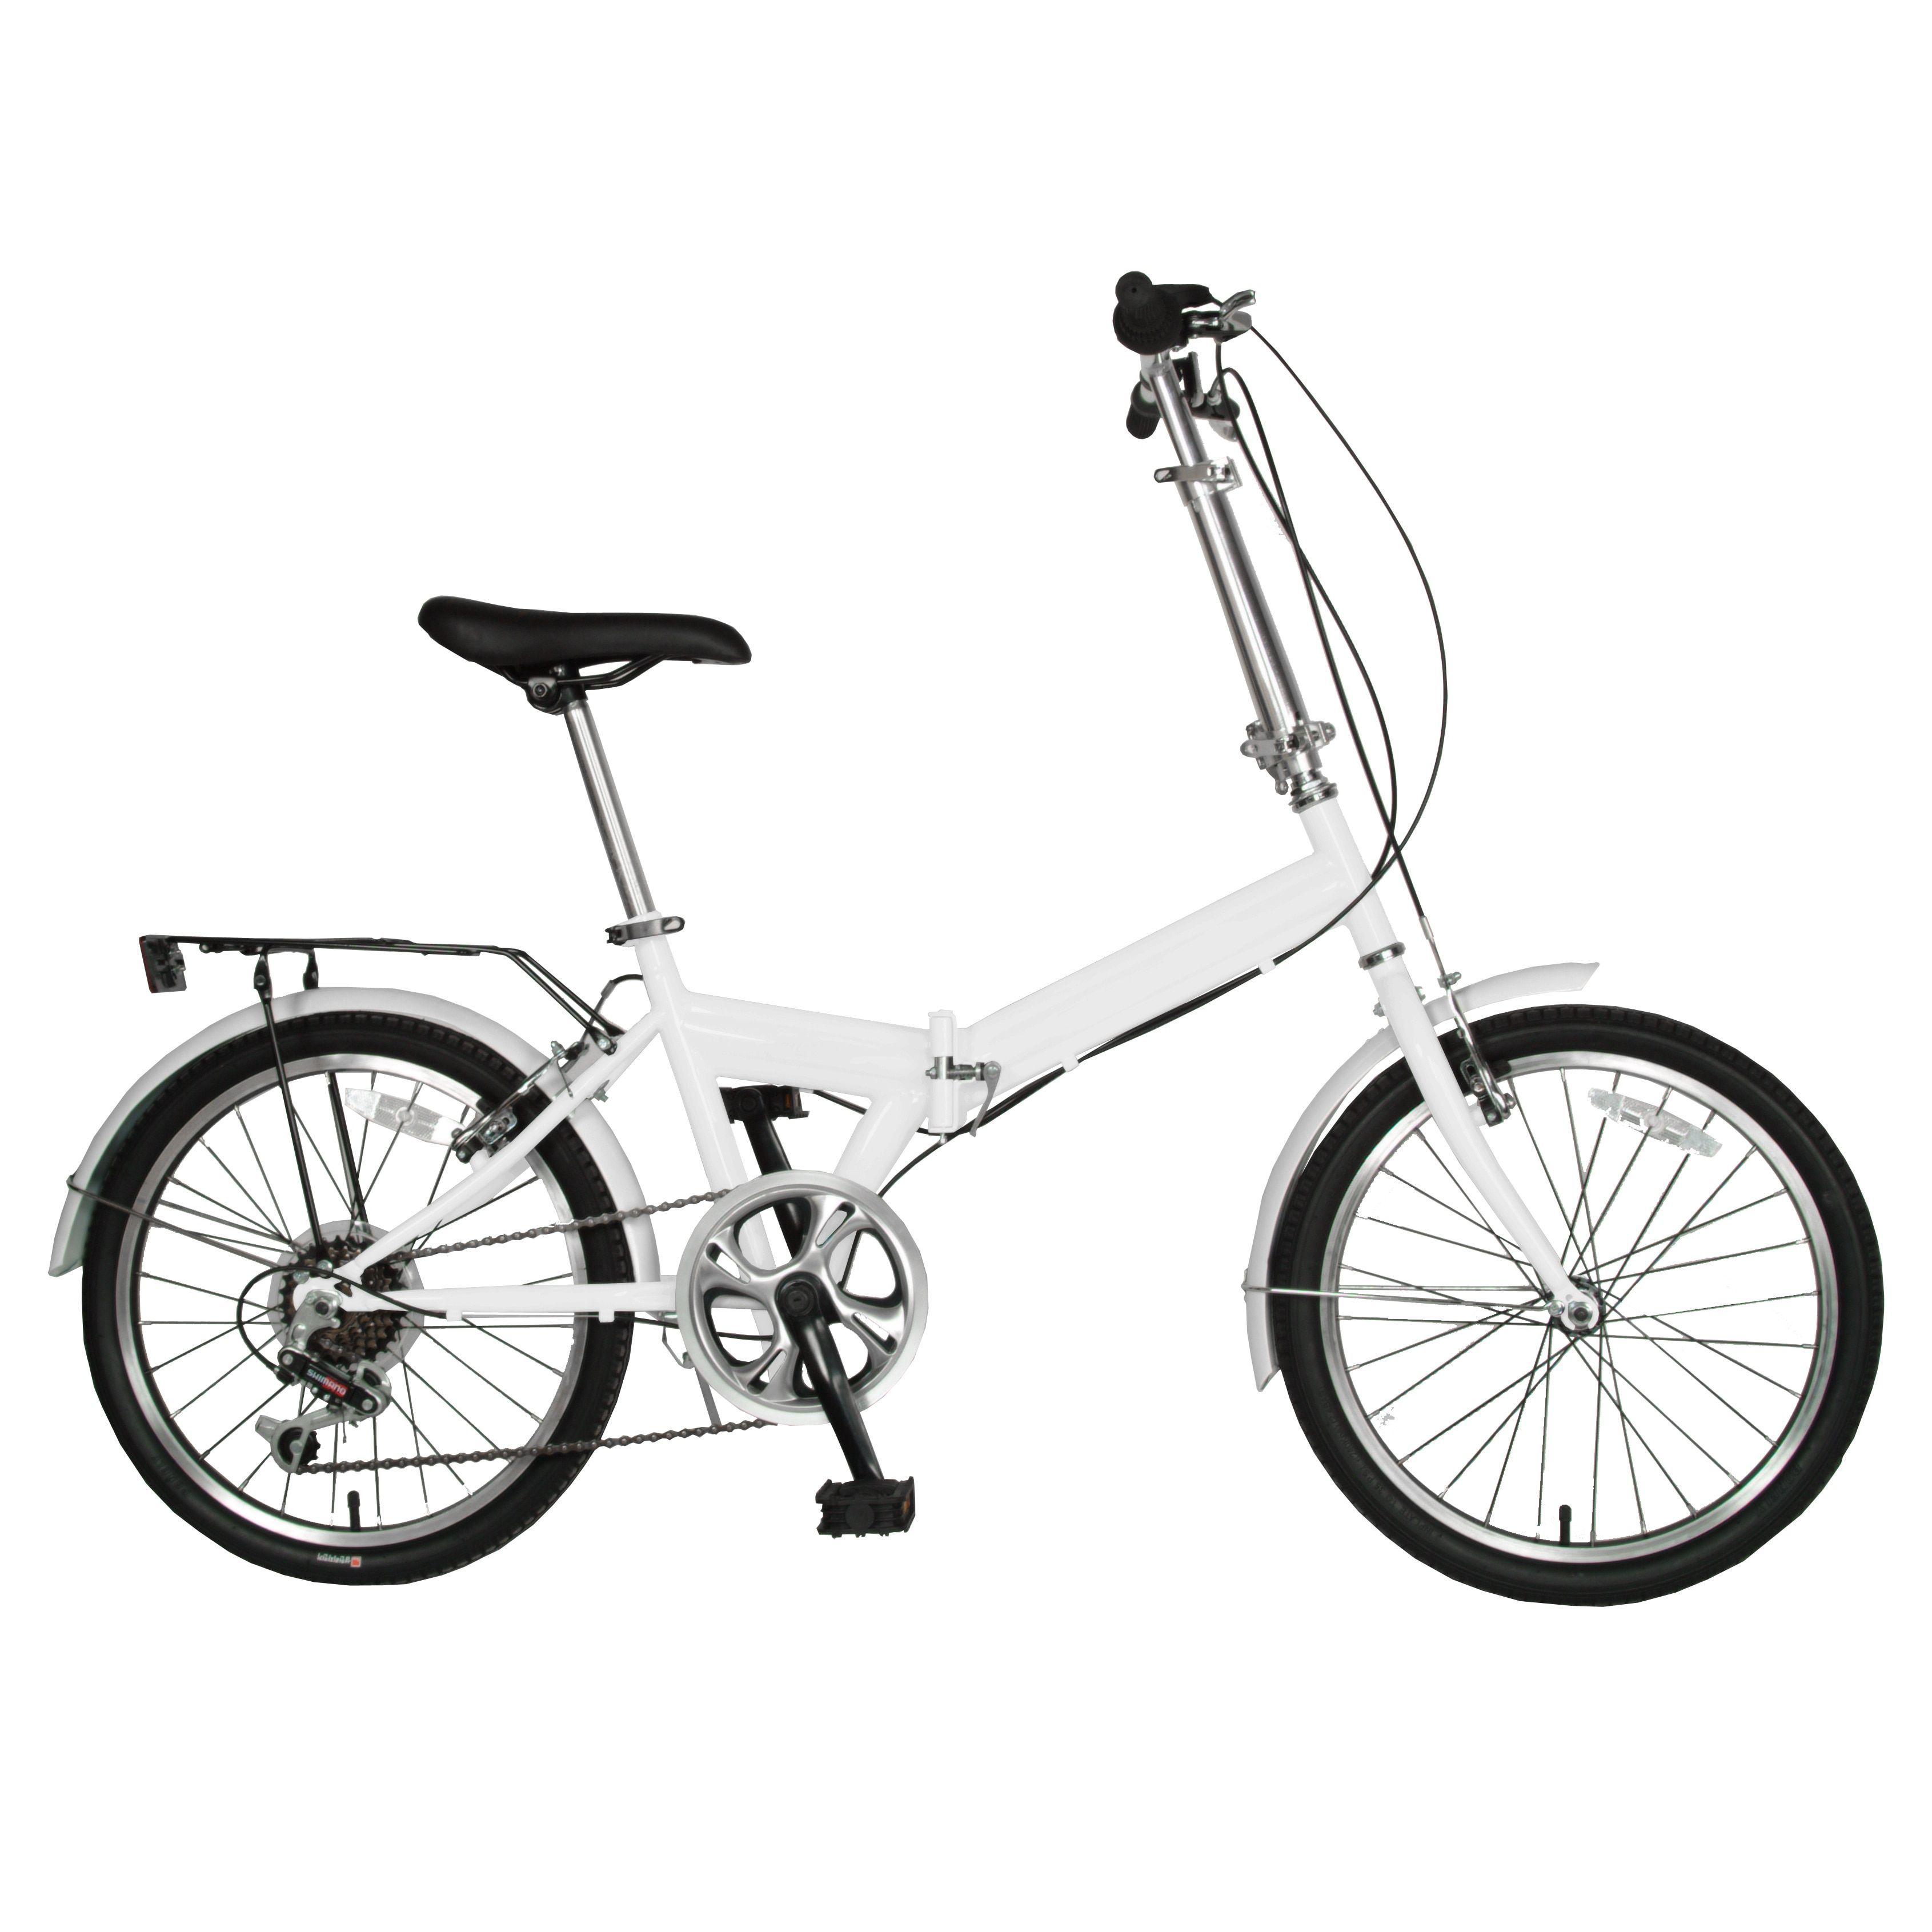 Cycle Force 20-inch Folding Bike, White | kawaii | Pinterest | Bike ...